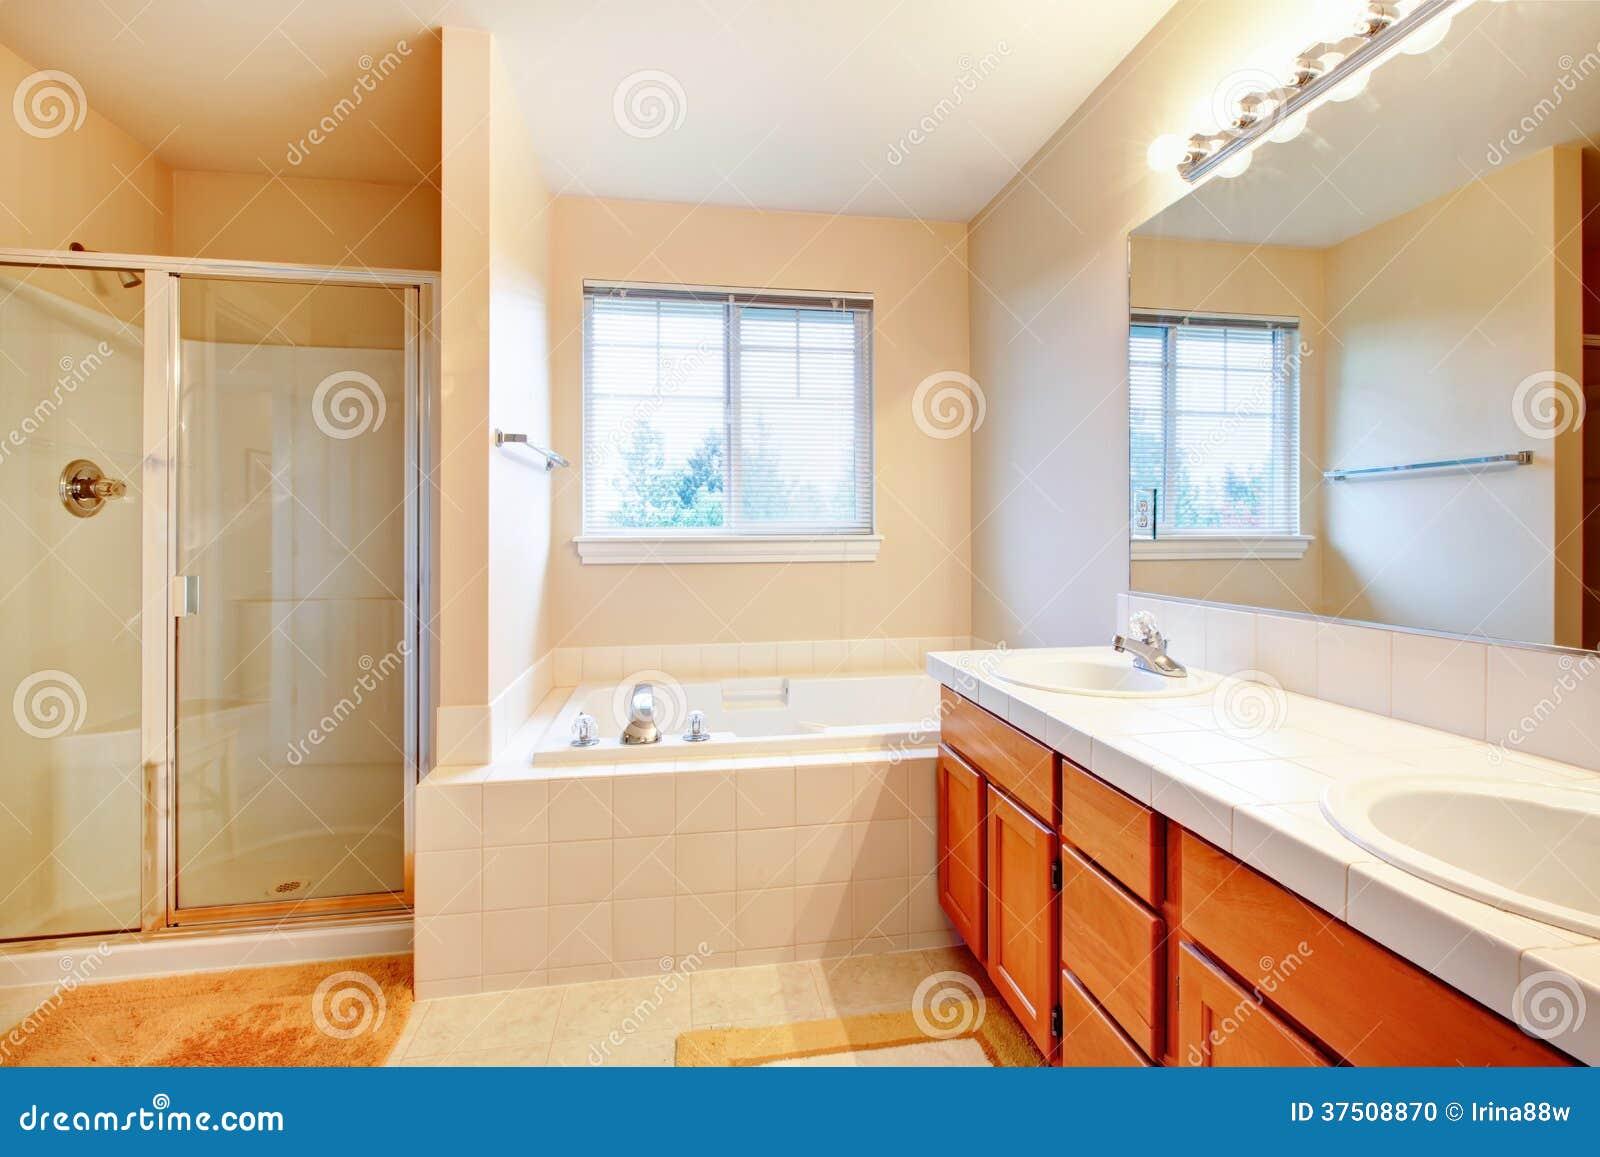 Bello bagno molle di toni con la doccia ed il mulinello for Bagno con doccia